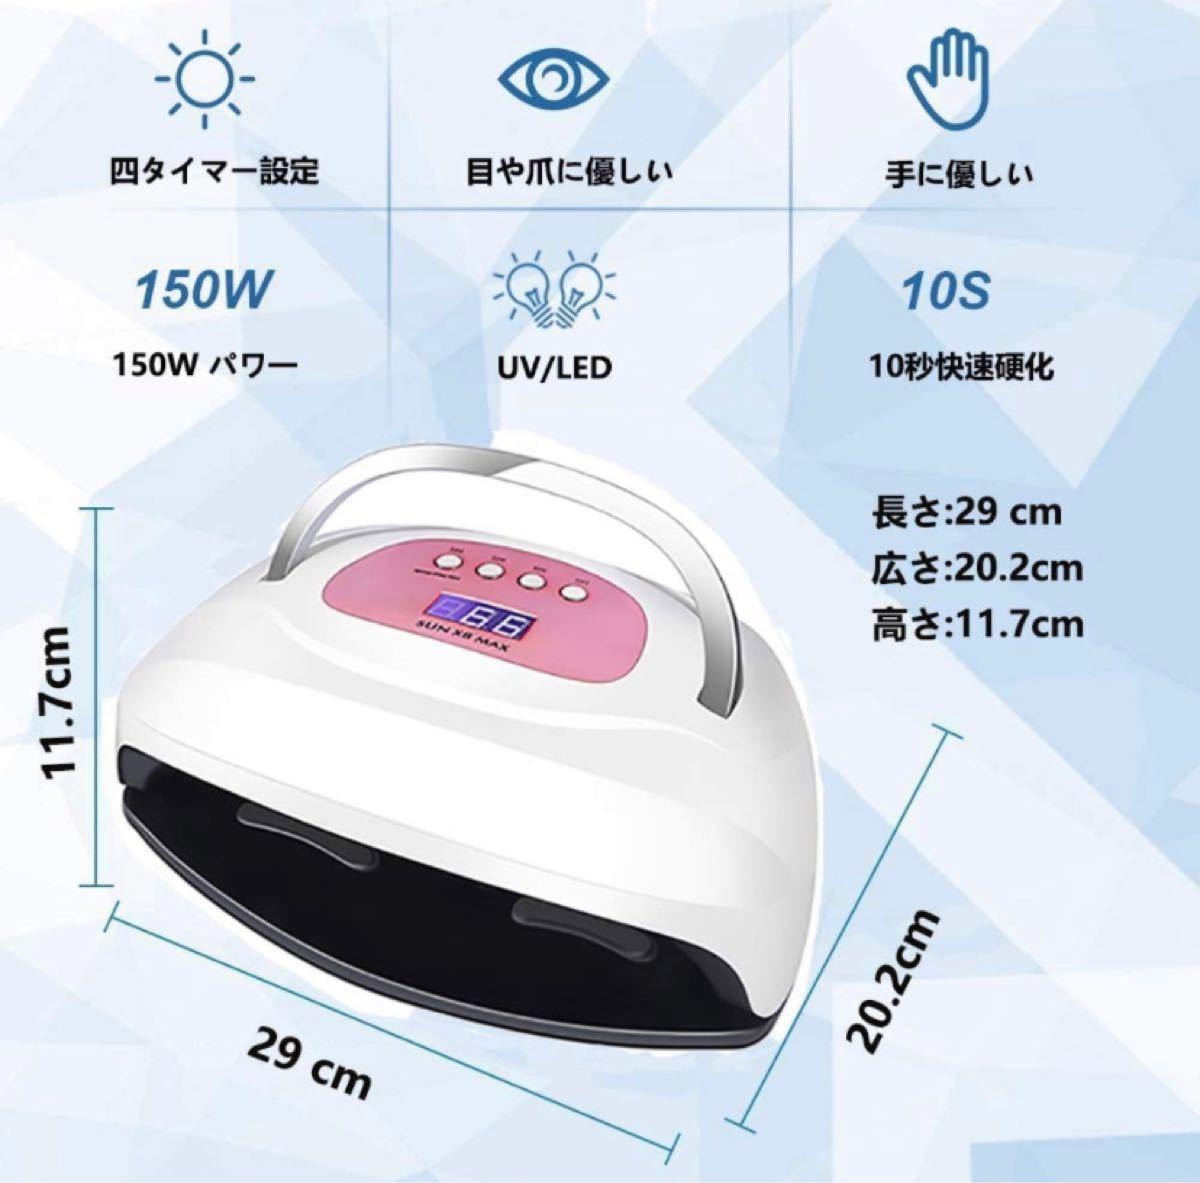 UVライト レジン用 硬化ライト LEDネイルドライヤー 150W 57LEDs ネイル 高速硬化